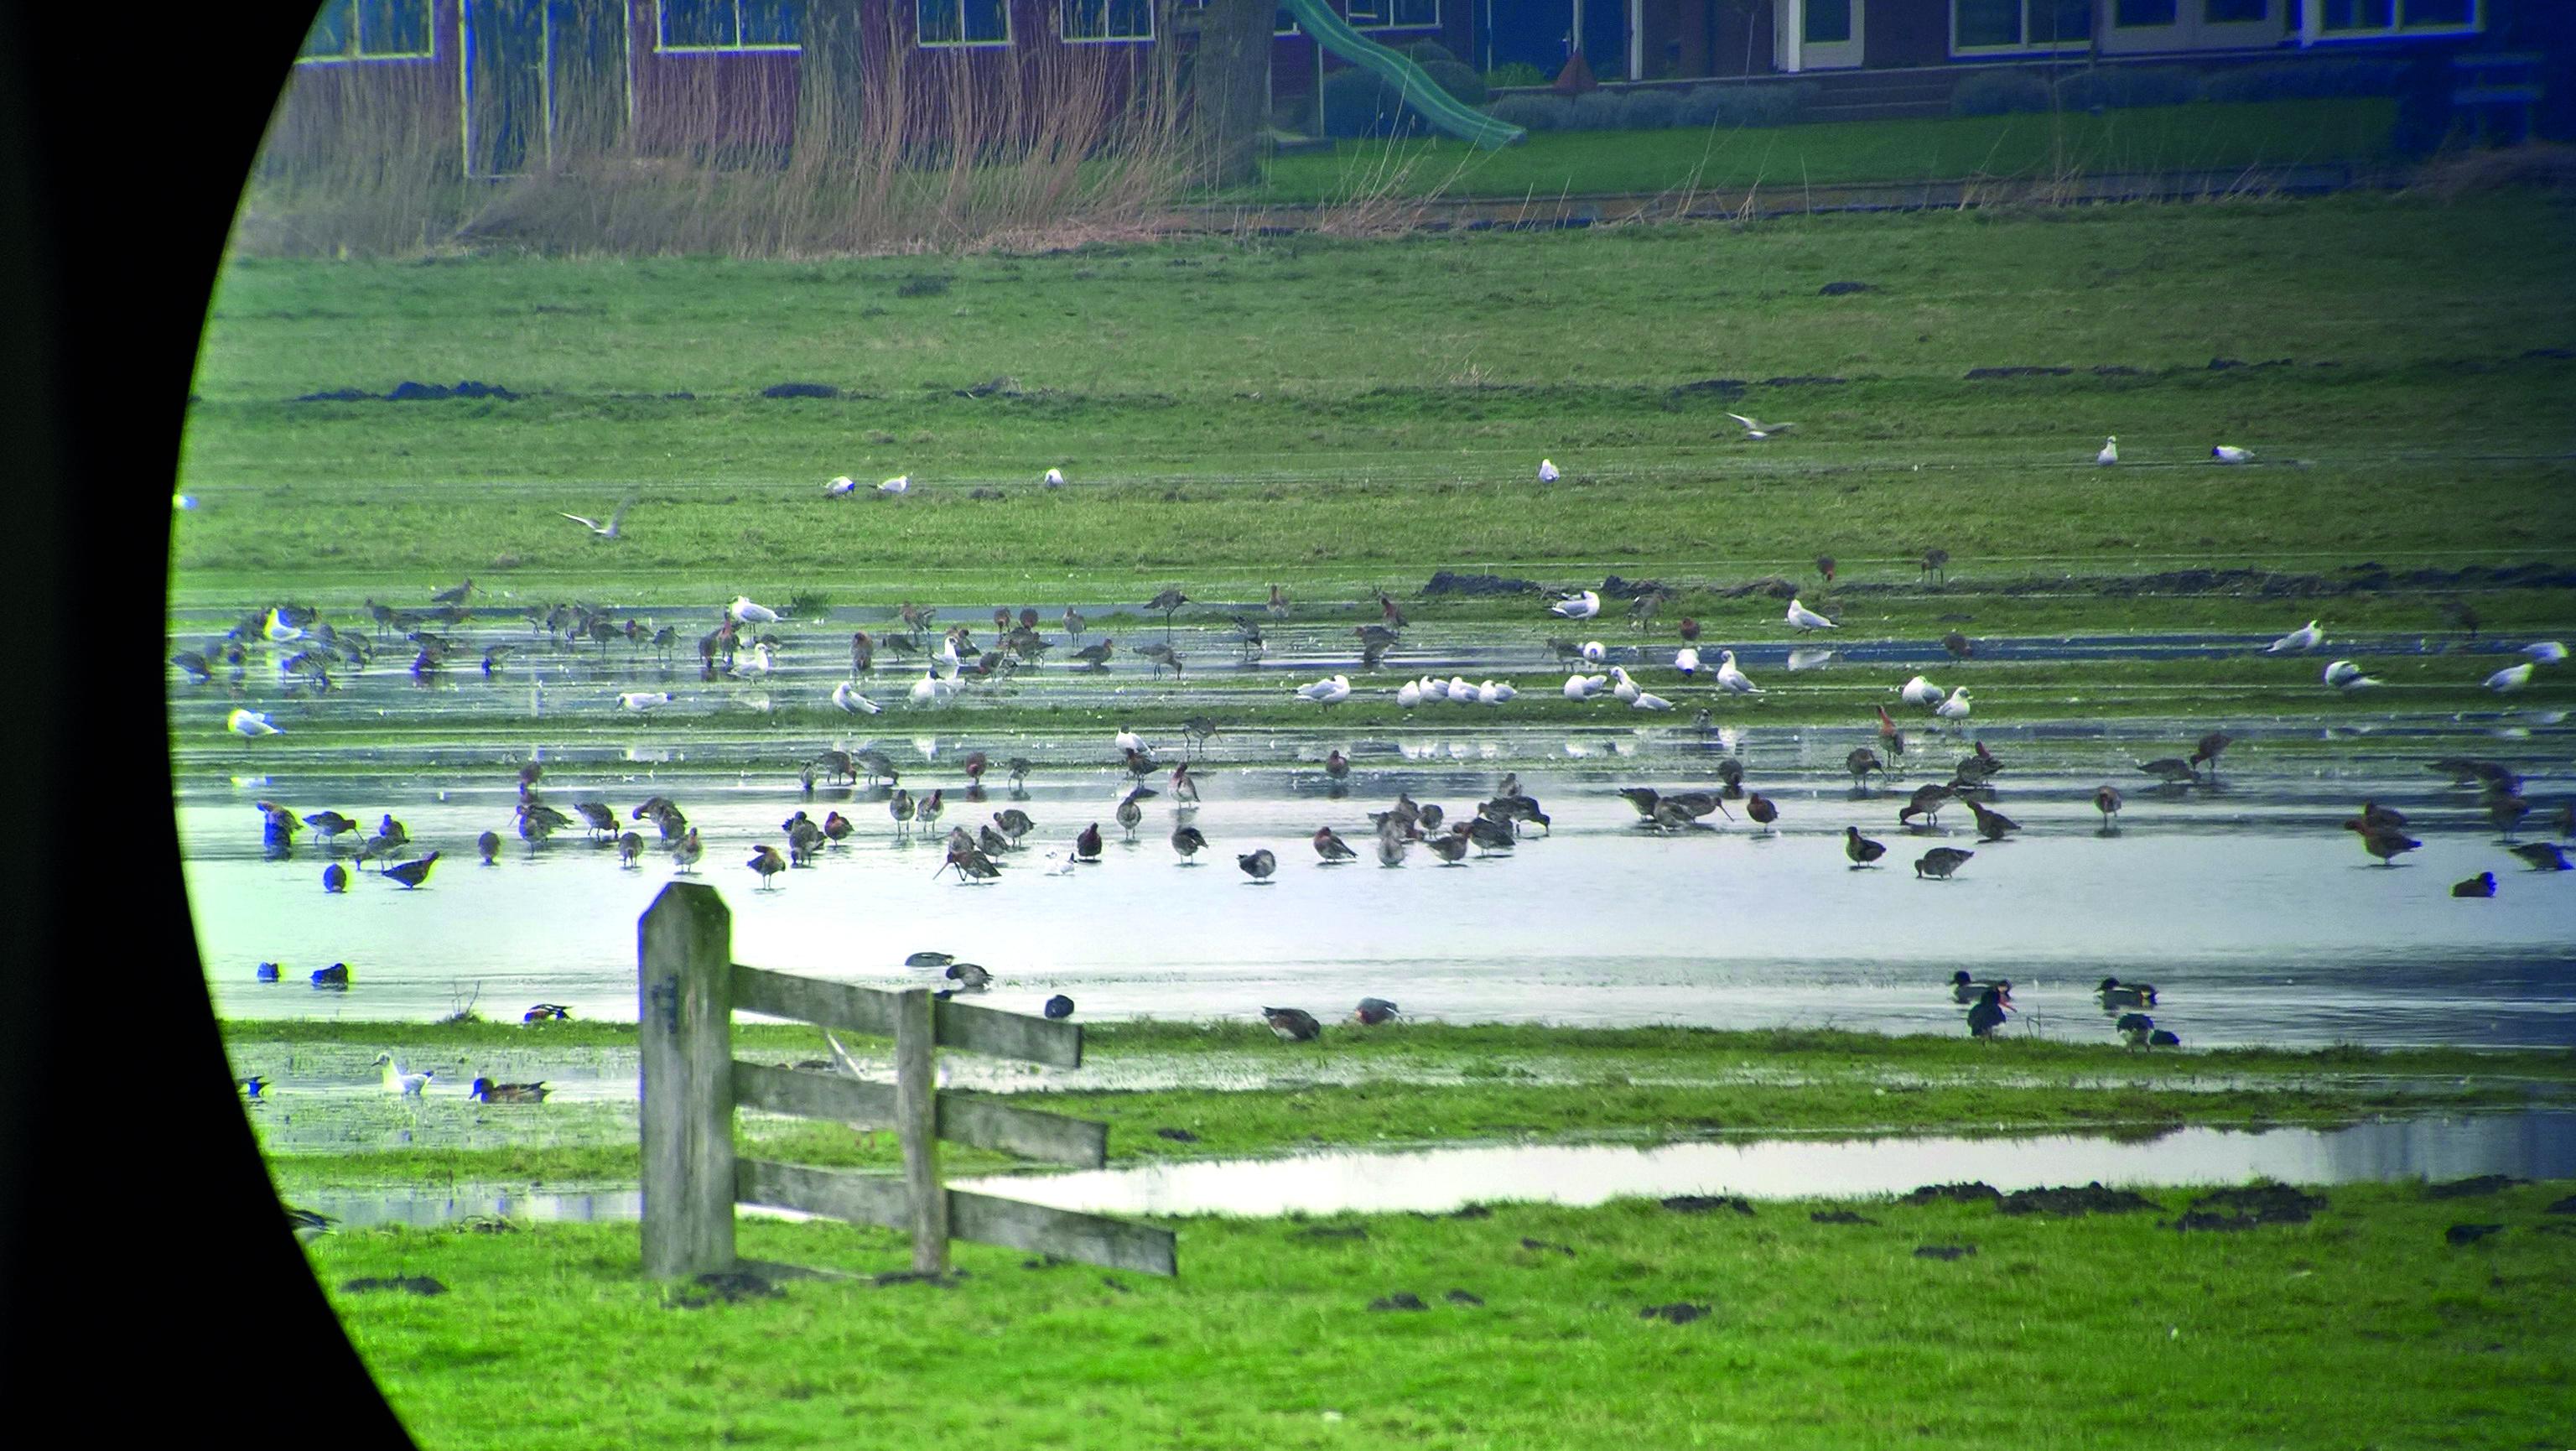 (foto: Inundatie van voor de restauratie, Studio Botman)